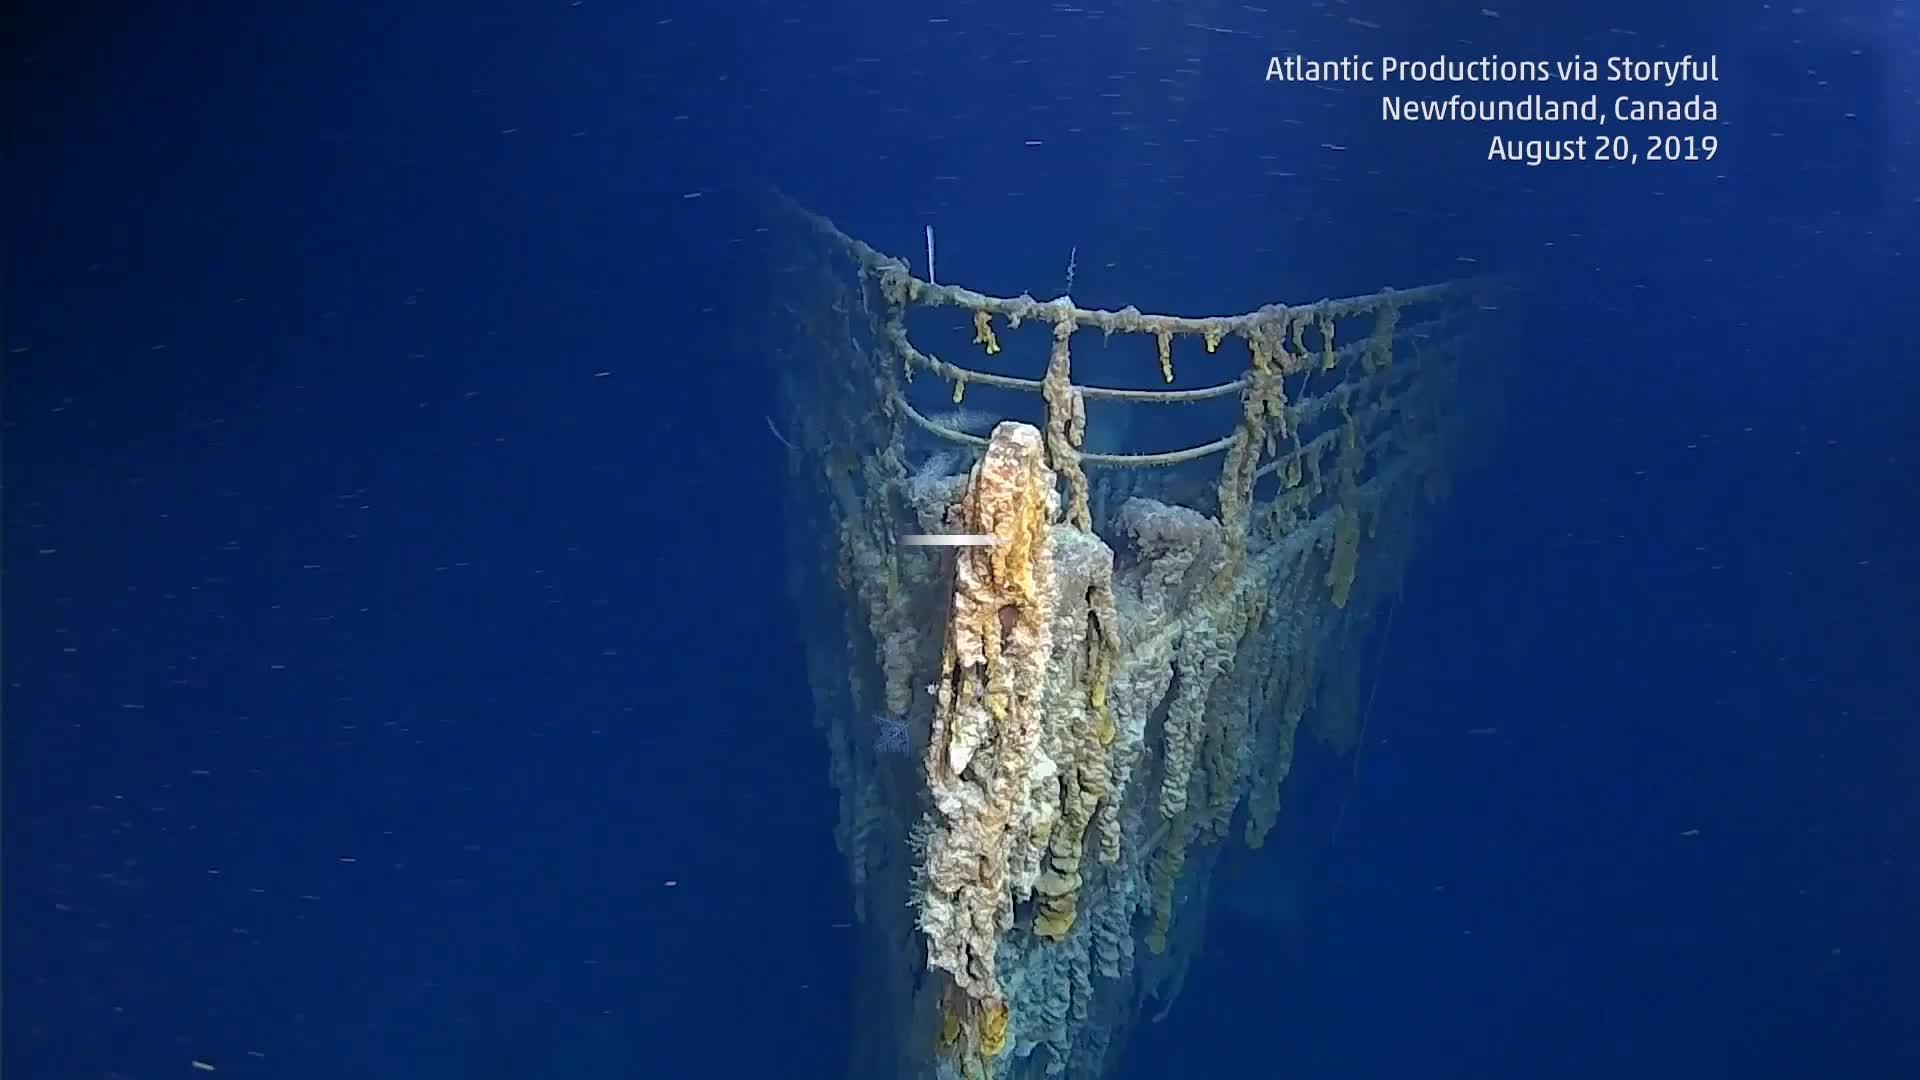 Un equipo documental que regresó al naufragio del Titanic en el Atlántico Norte ha regresado con imágenes impactantes que muestran el deterioro del barco.